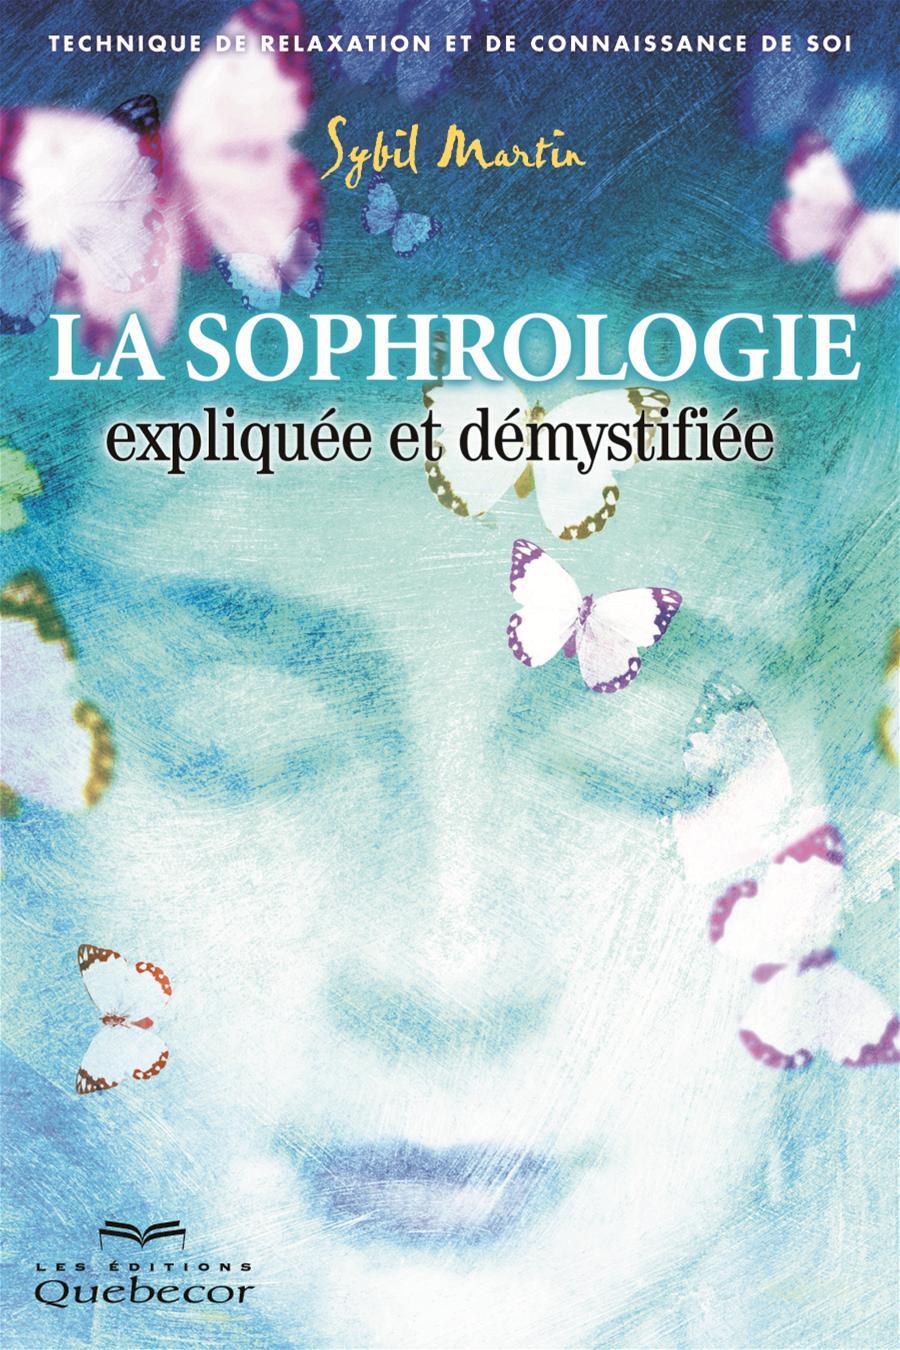 La sophrologie expliquée et démystifiée